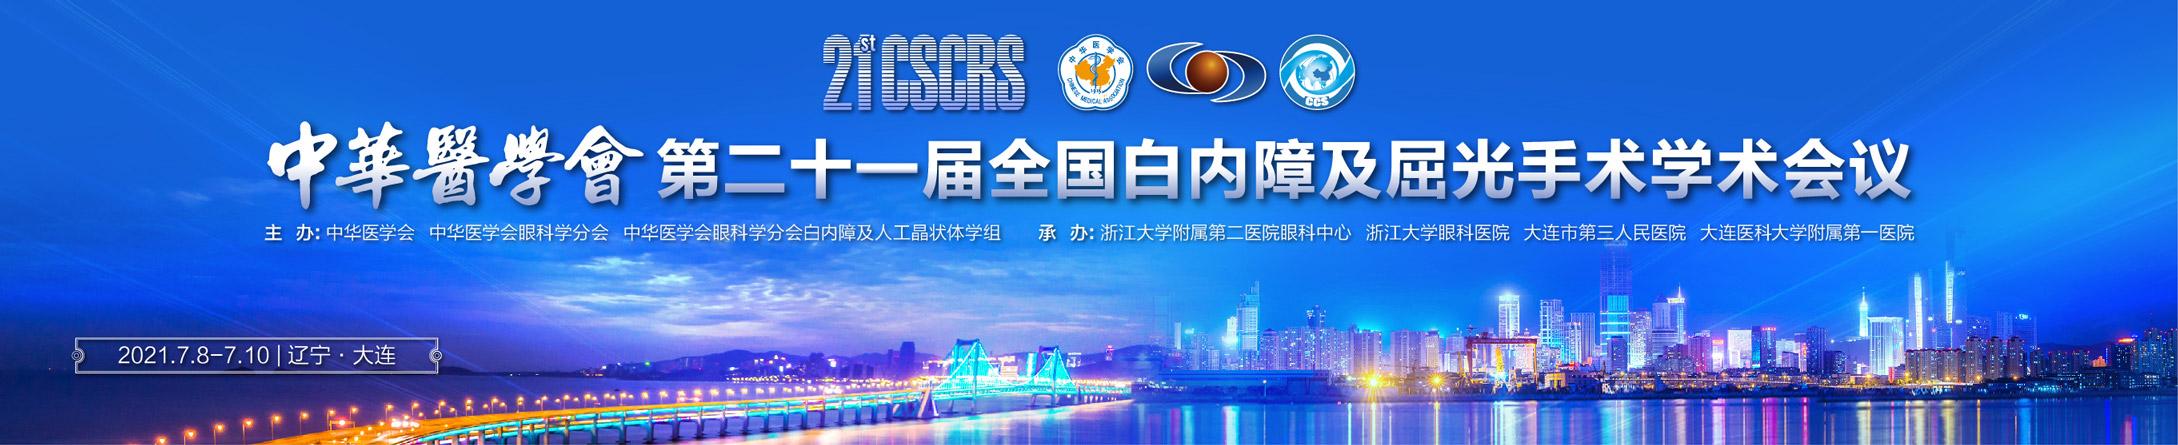 中华医学会第二十一届全国白内障及屈光手术学术会议